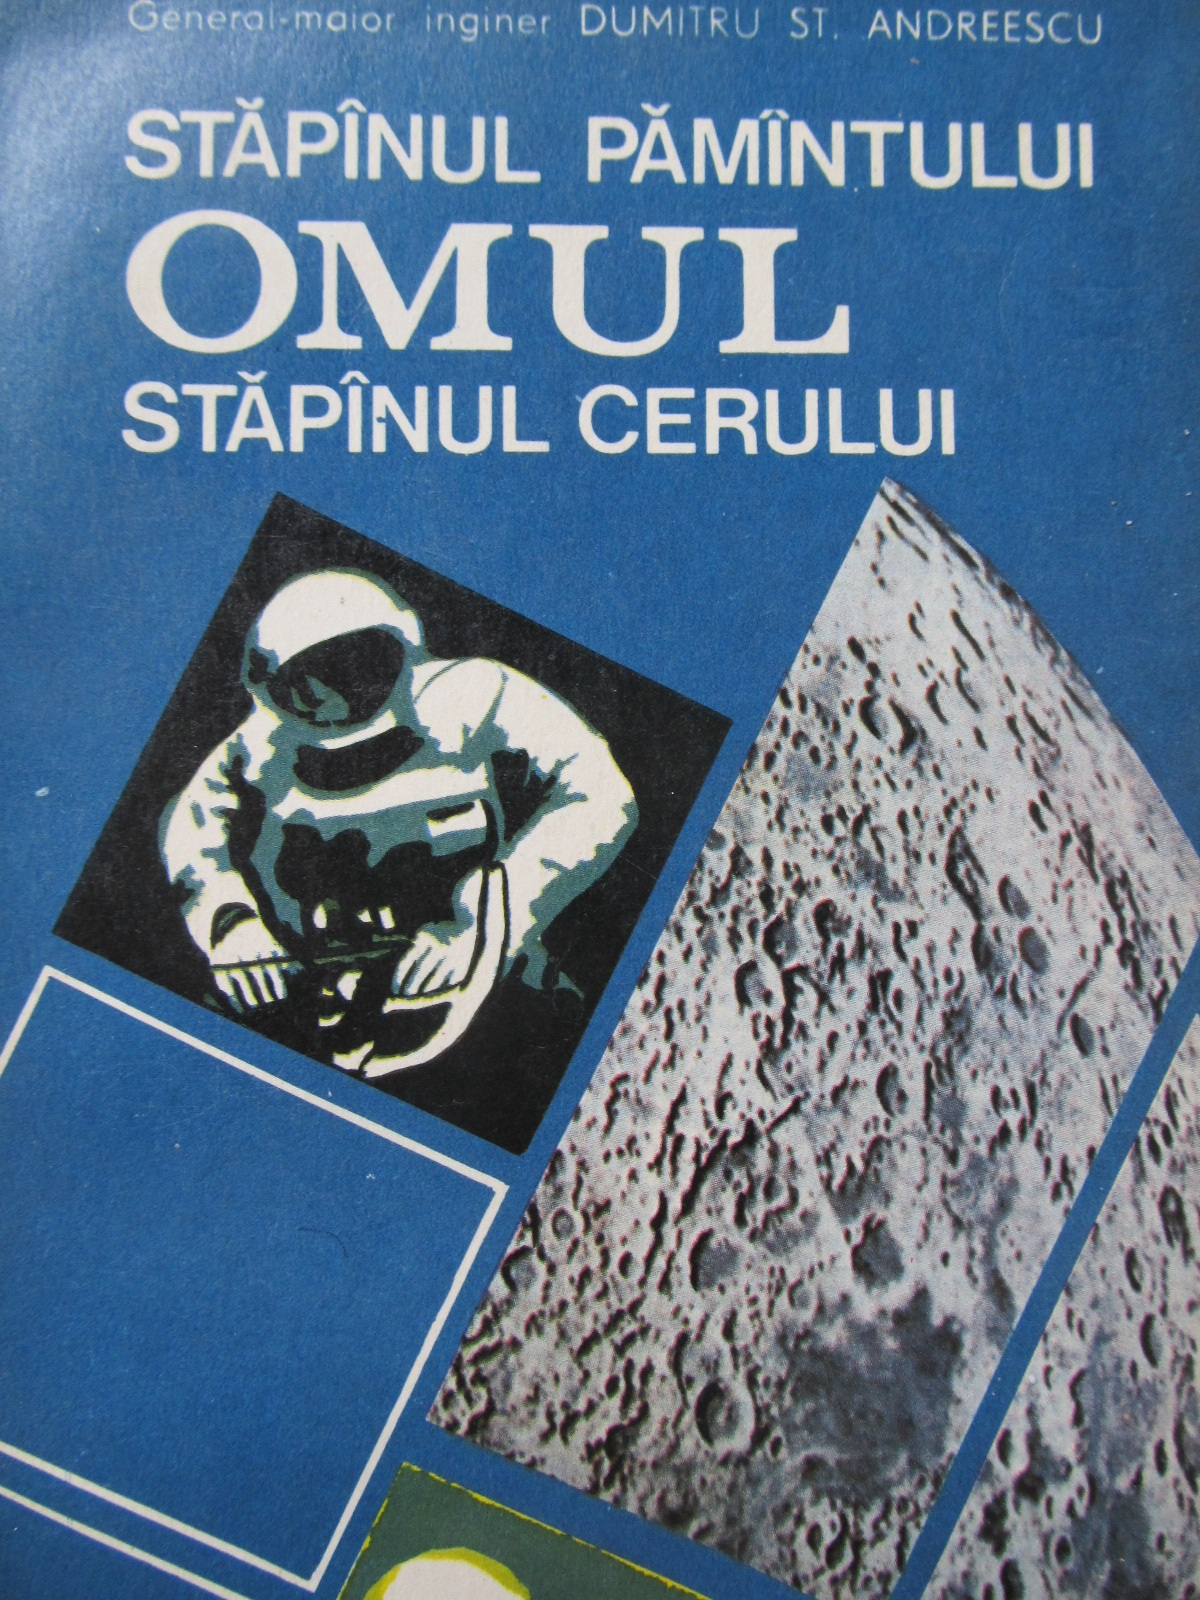 Stapanul pamantului Omul stapanul cerului - Dumitru St. Andreescu | Detalii carte